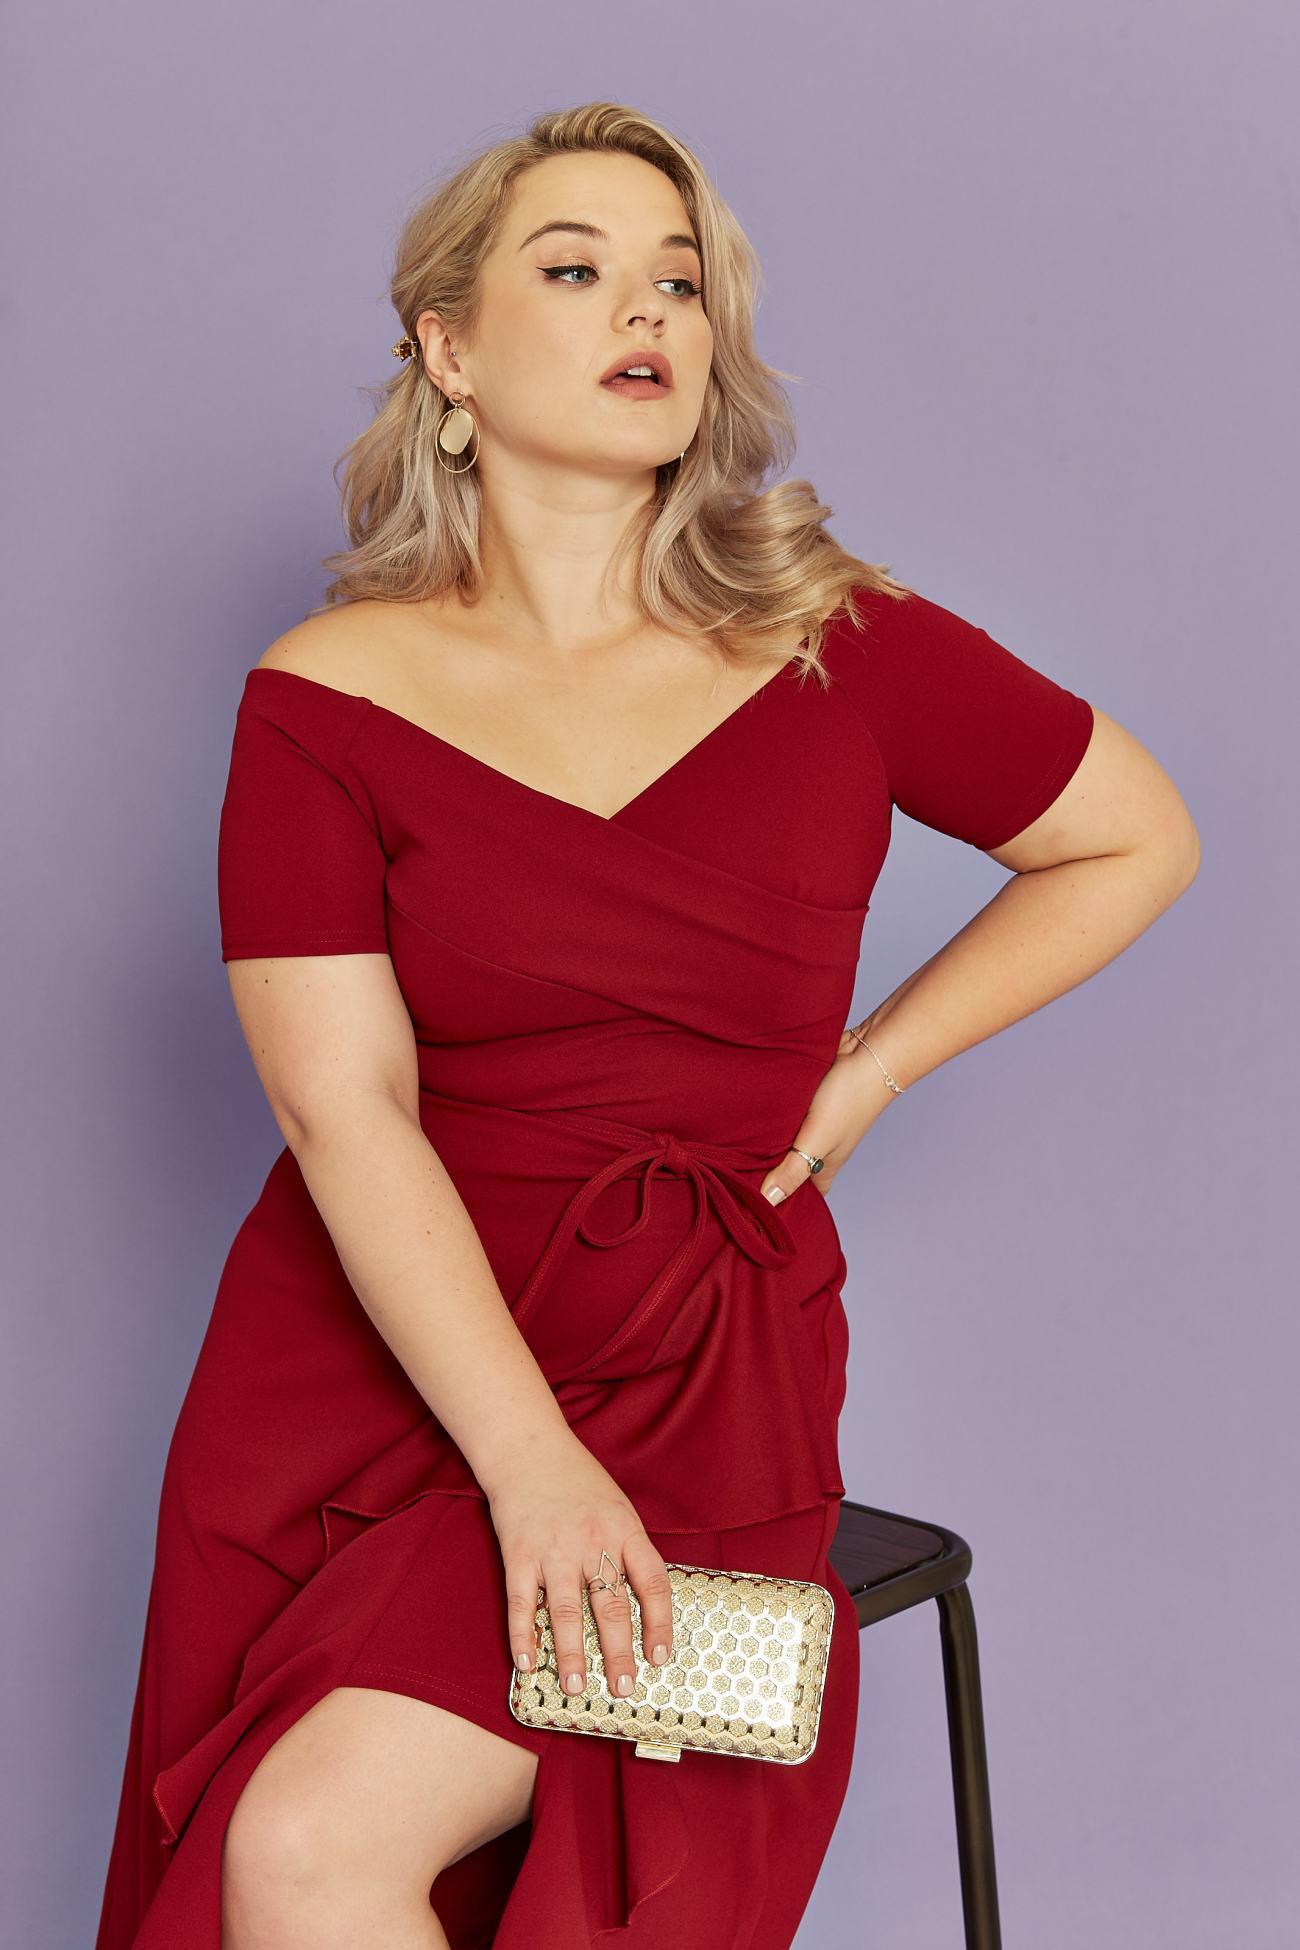 Model wears a bardot midi dress in burgundy in front of purple background